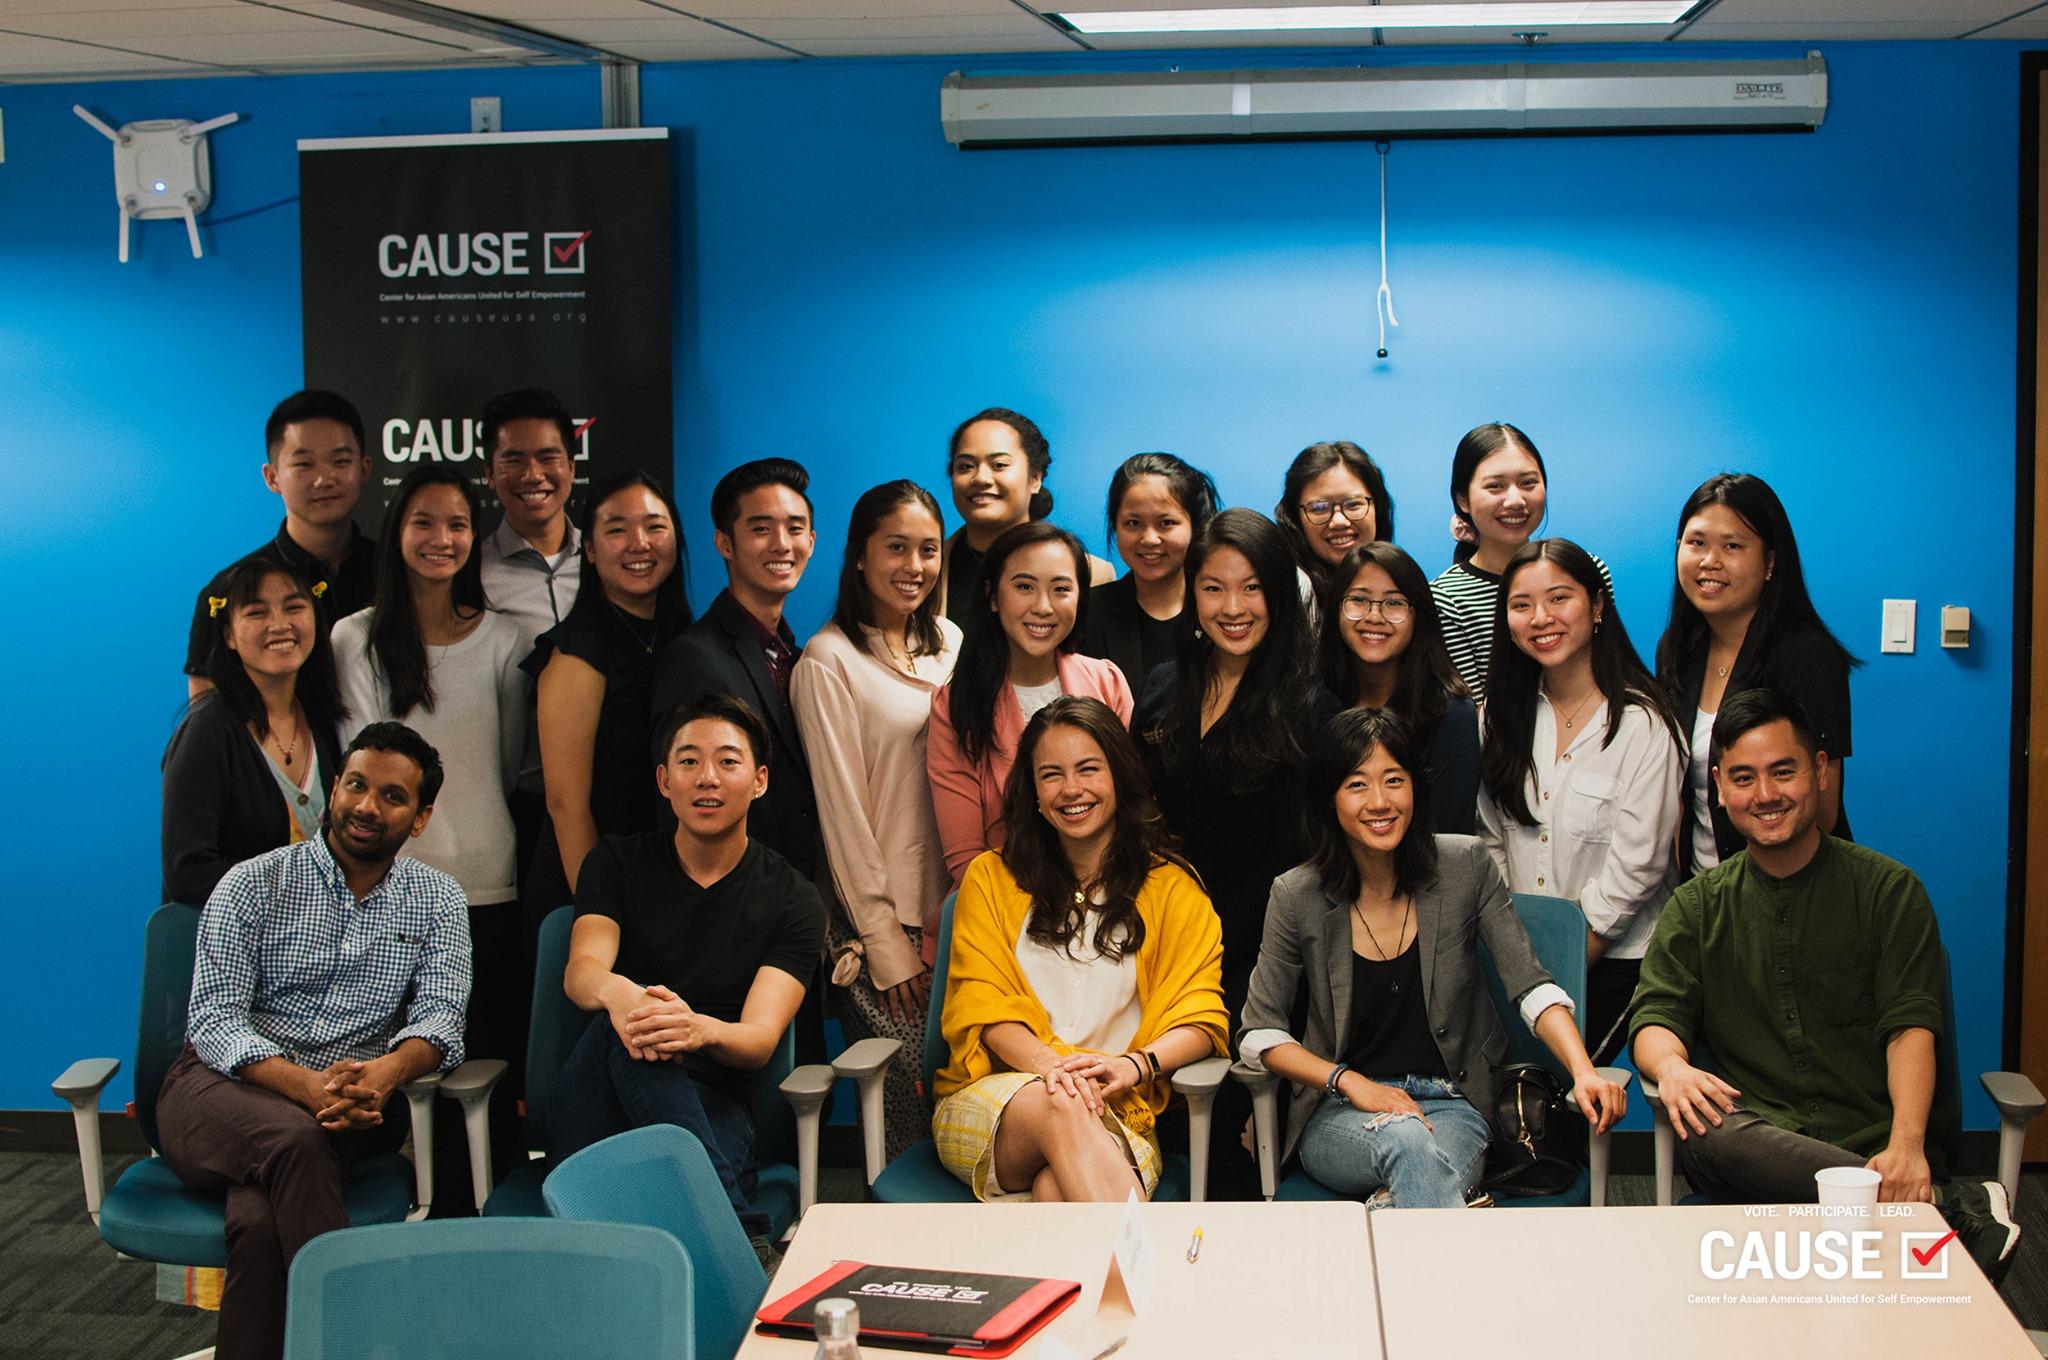 2019 CAUSE Leadership Academy media representation panel with Snehal Desai, Dan Matthews, Emi Kamemoto, Julie Zhan, and Sean Miura